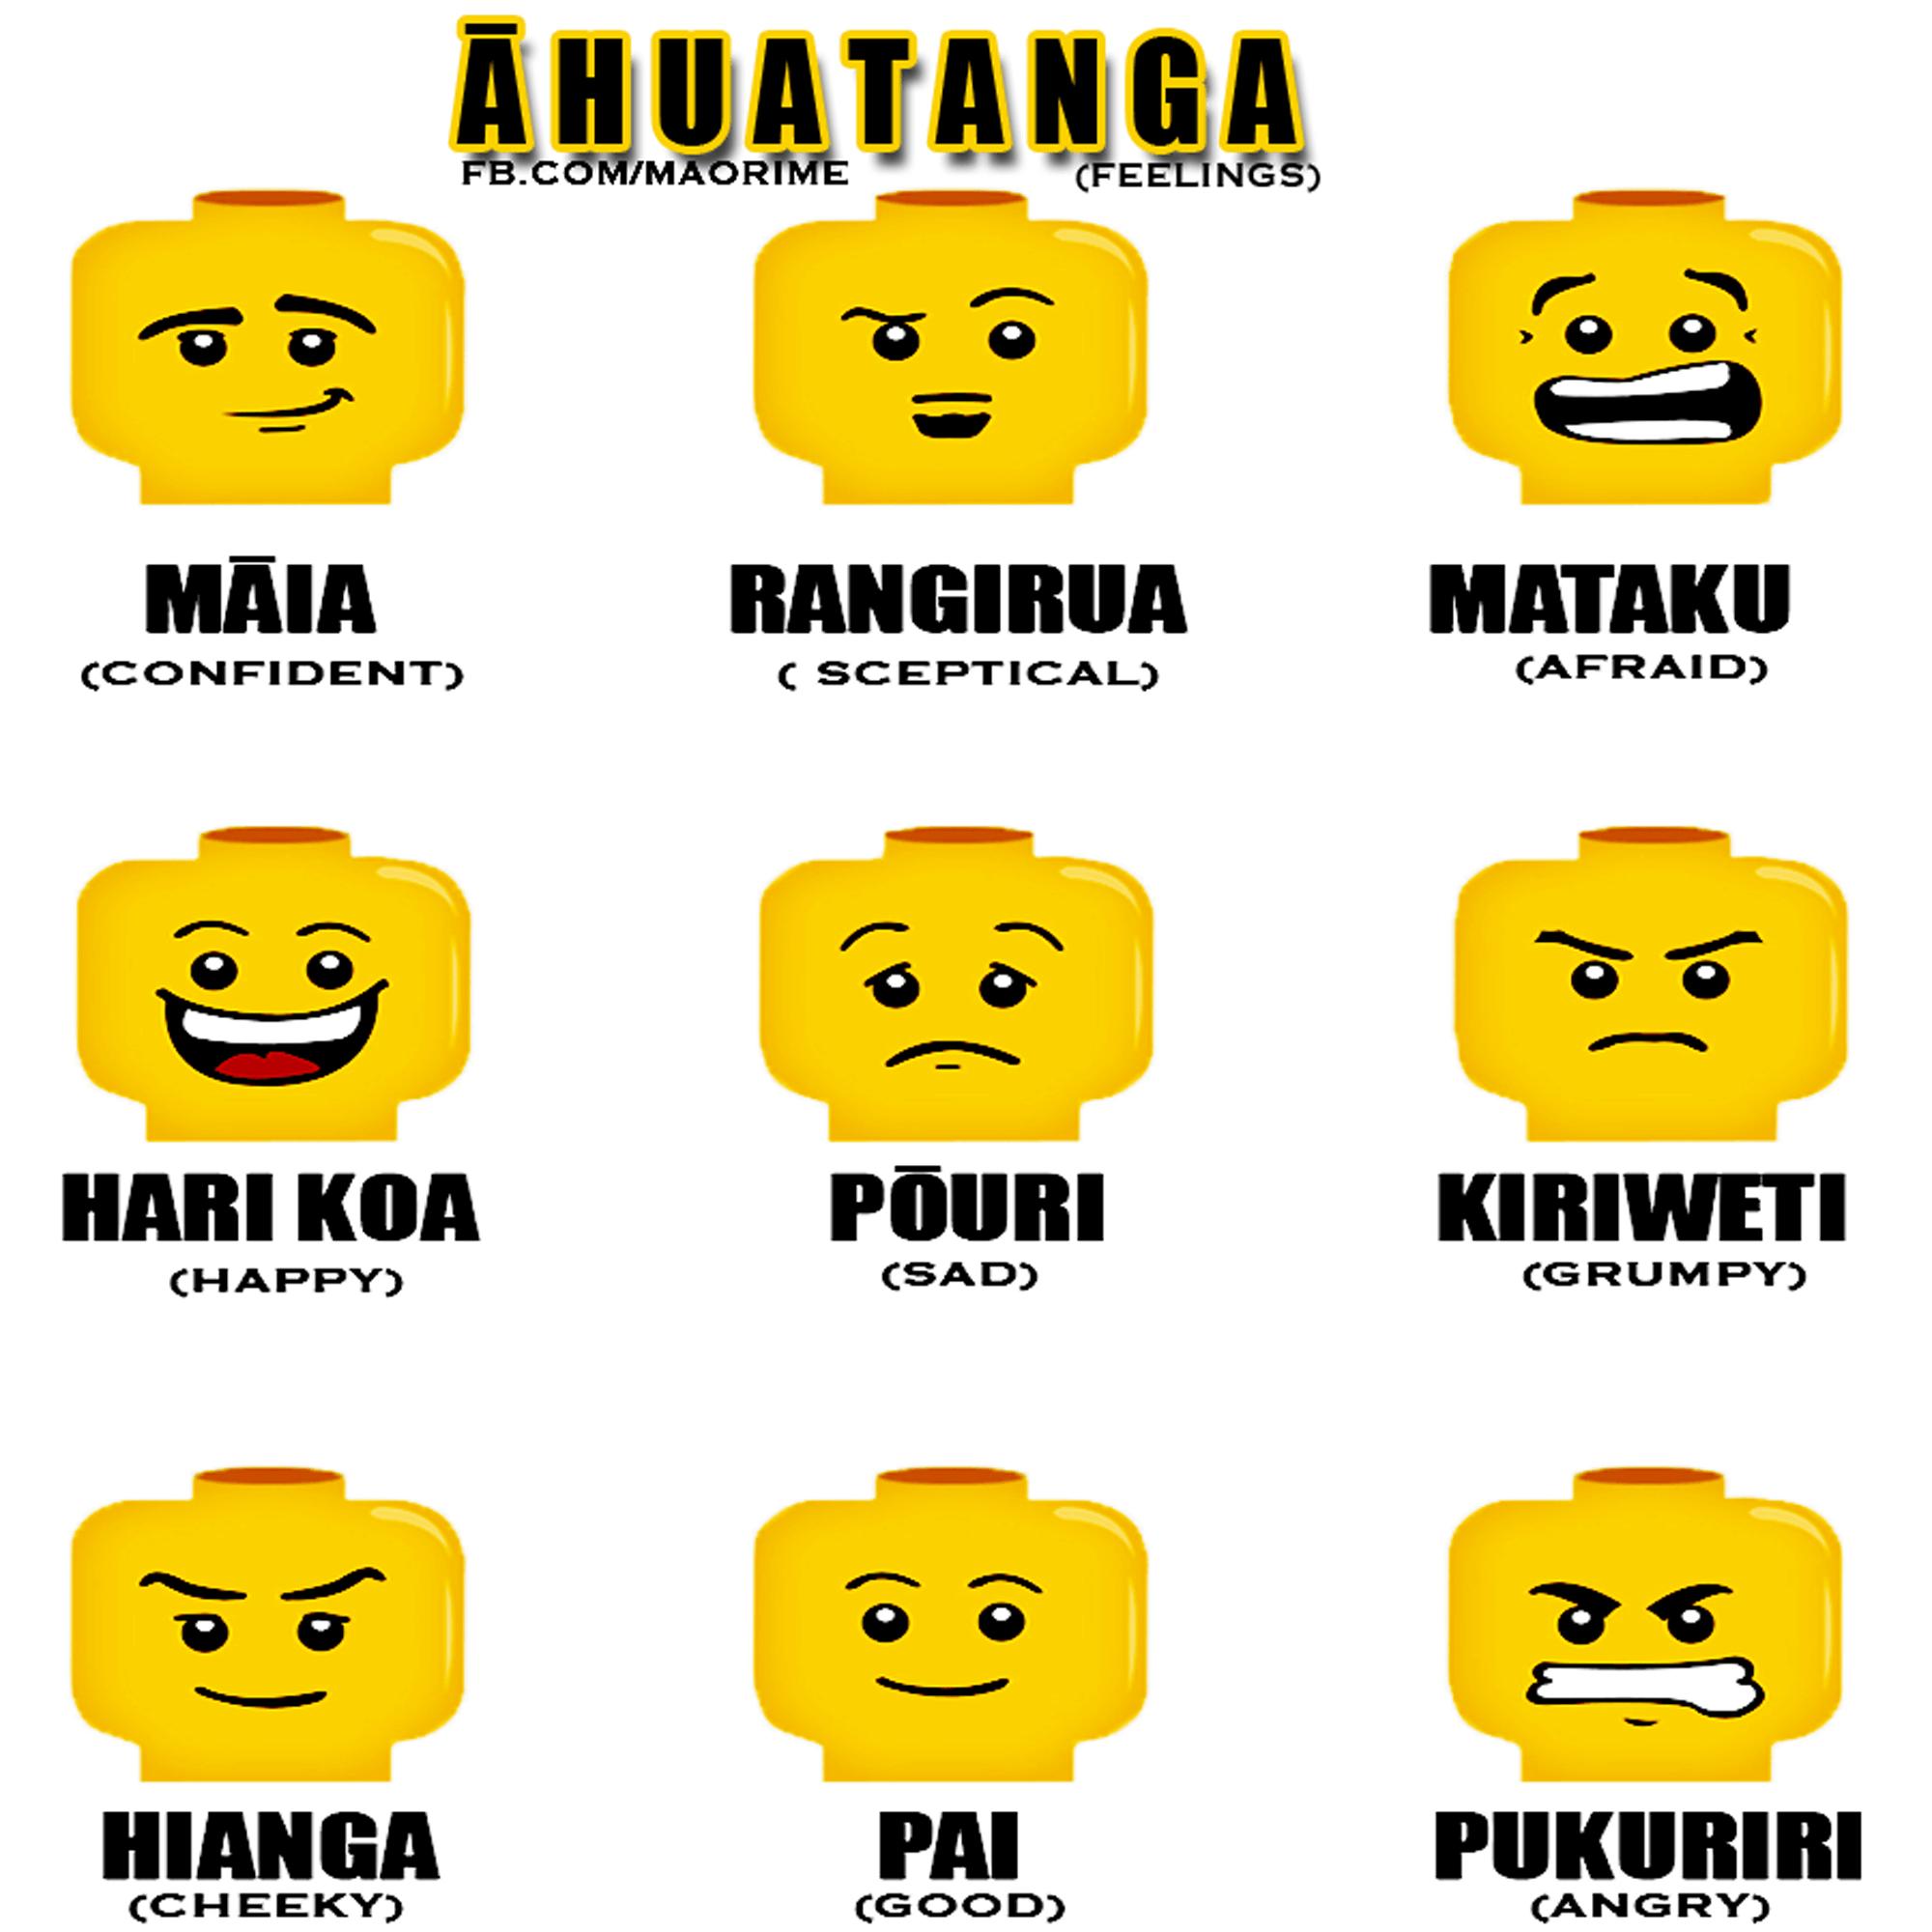 Ahuatanga Feelings